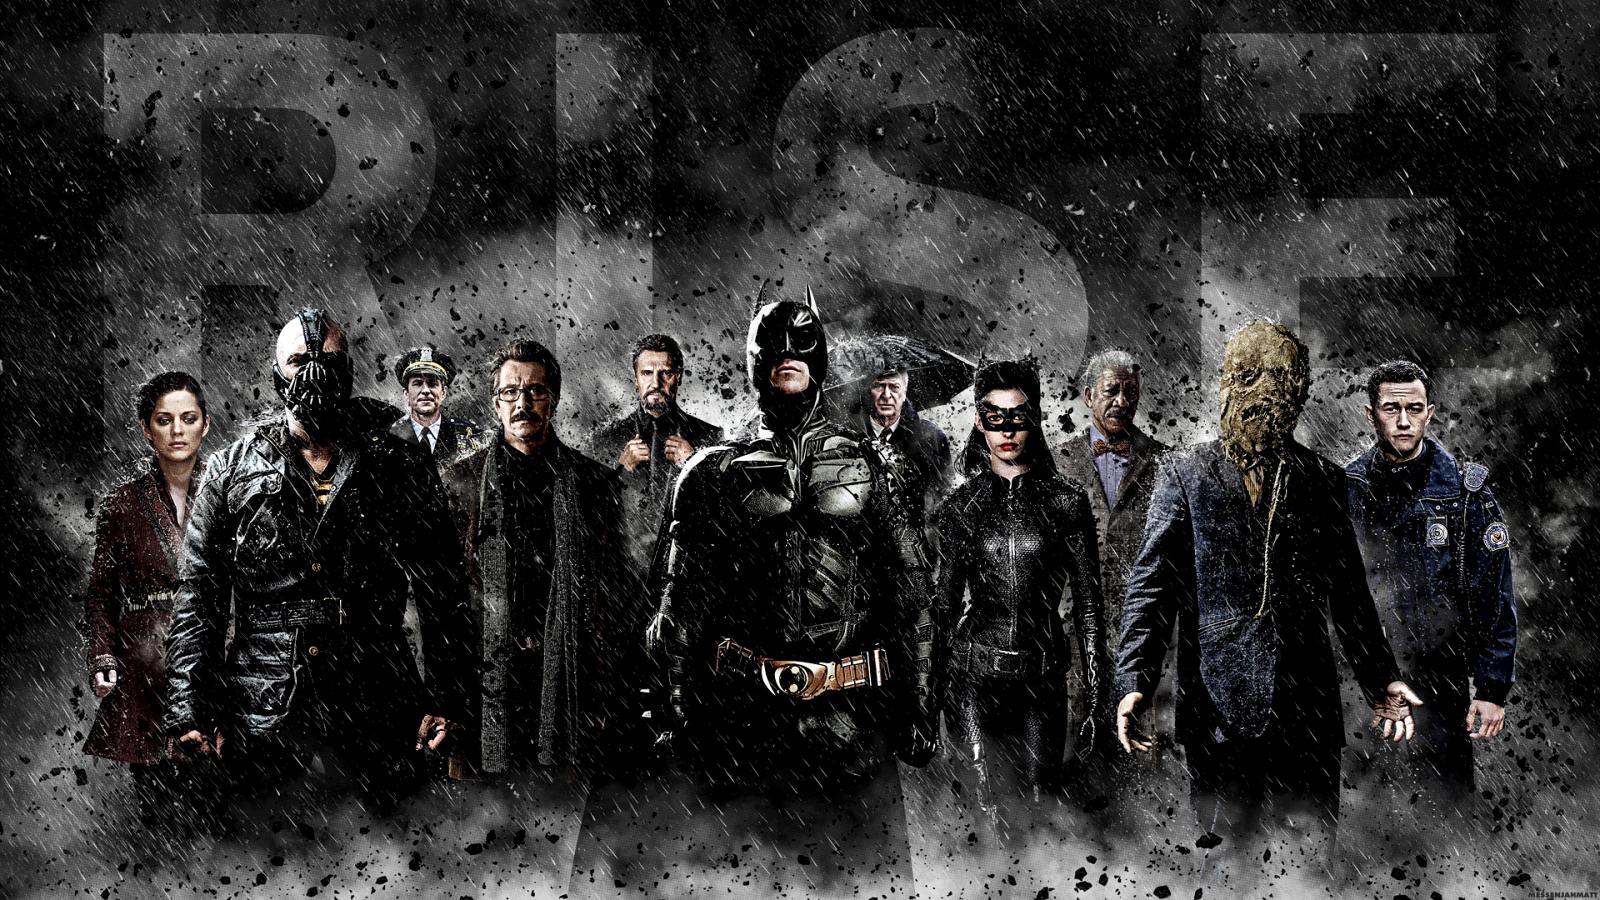 Batman The Dark Knight Rises 2012 HD Poster Wallpapers 1600x900